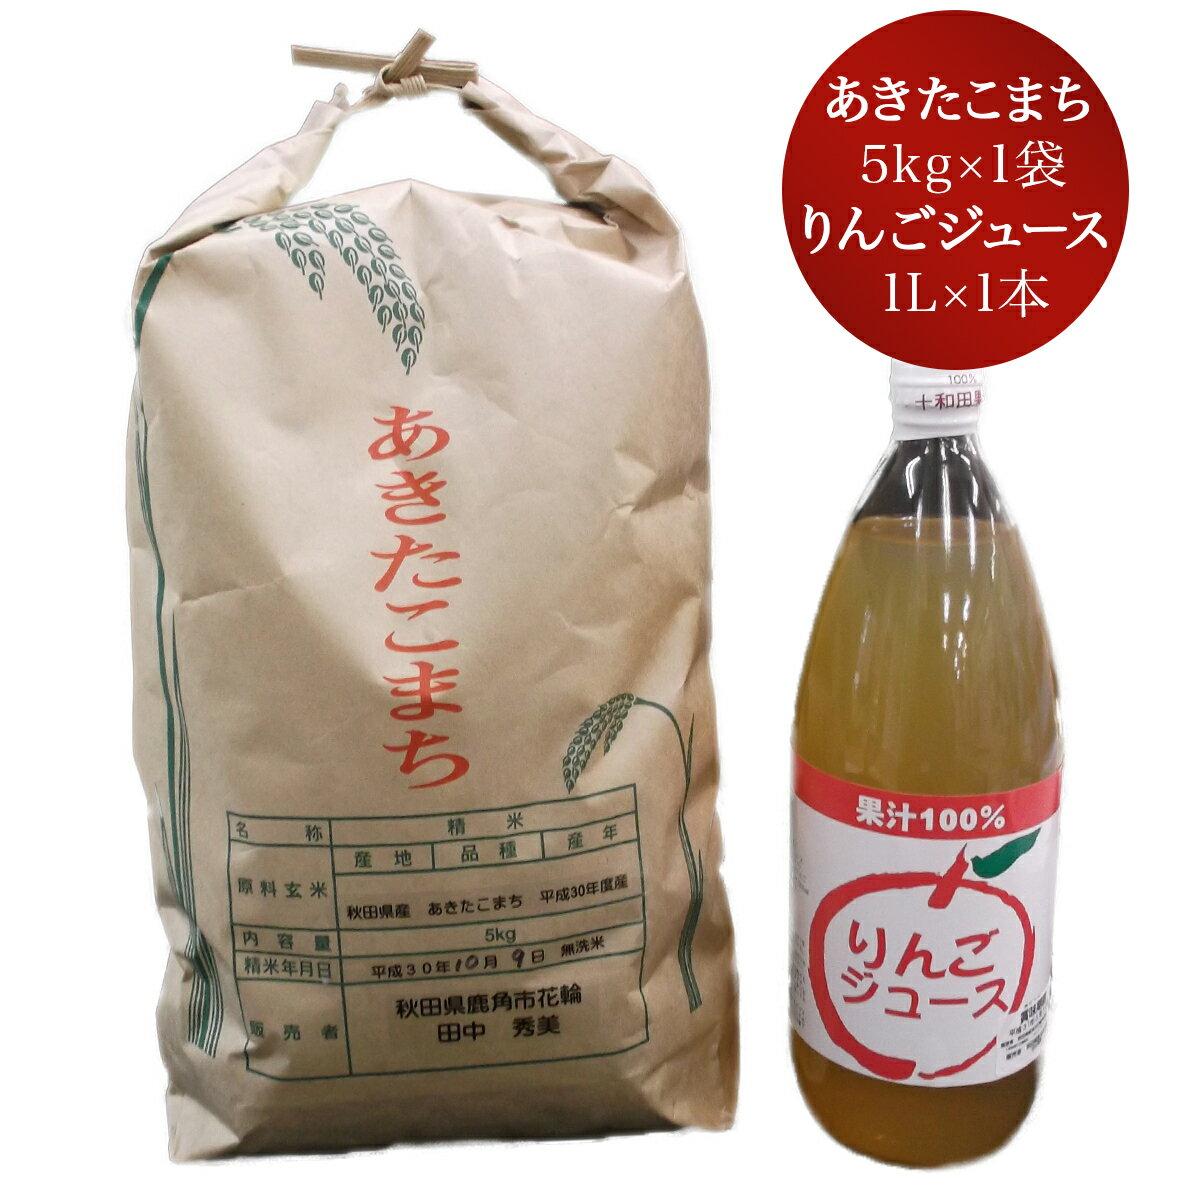 米・雑穀, 白米 30 5kg1L